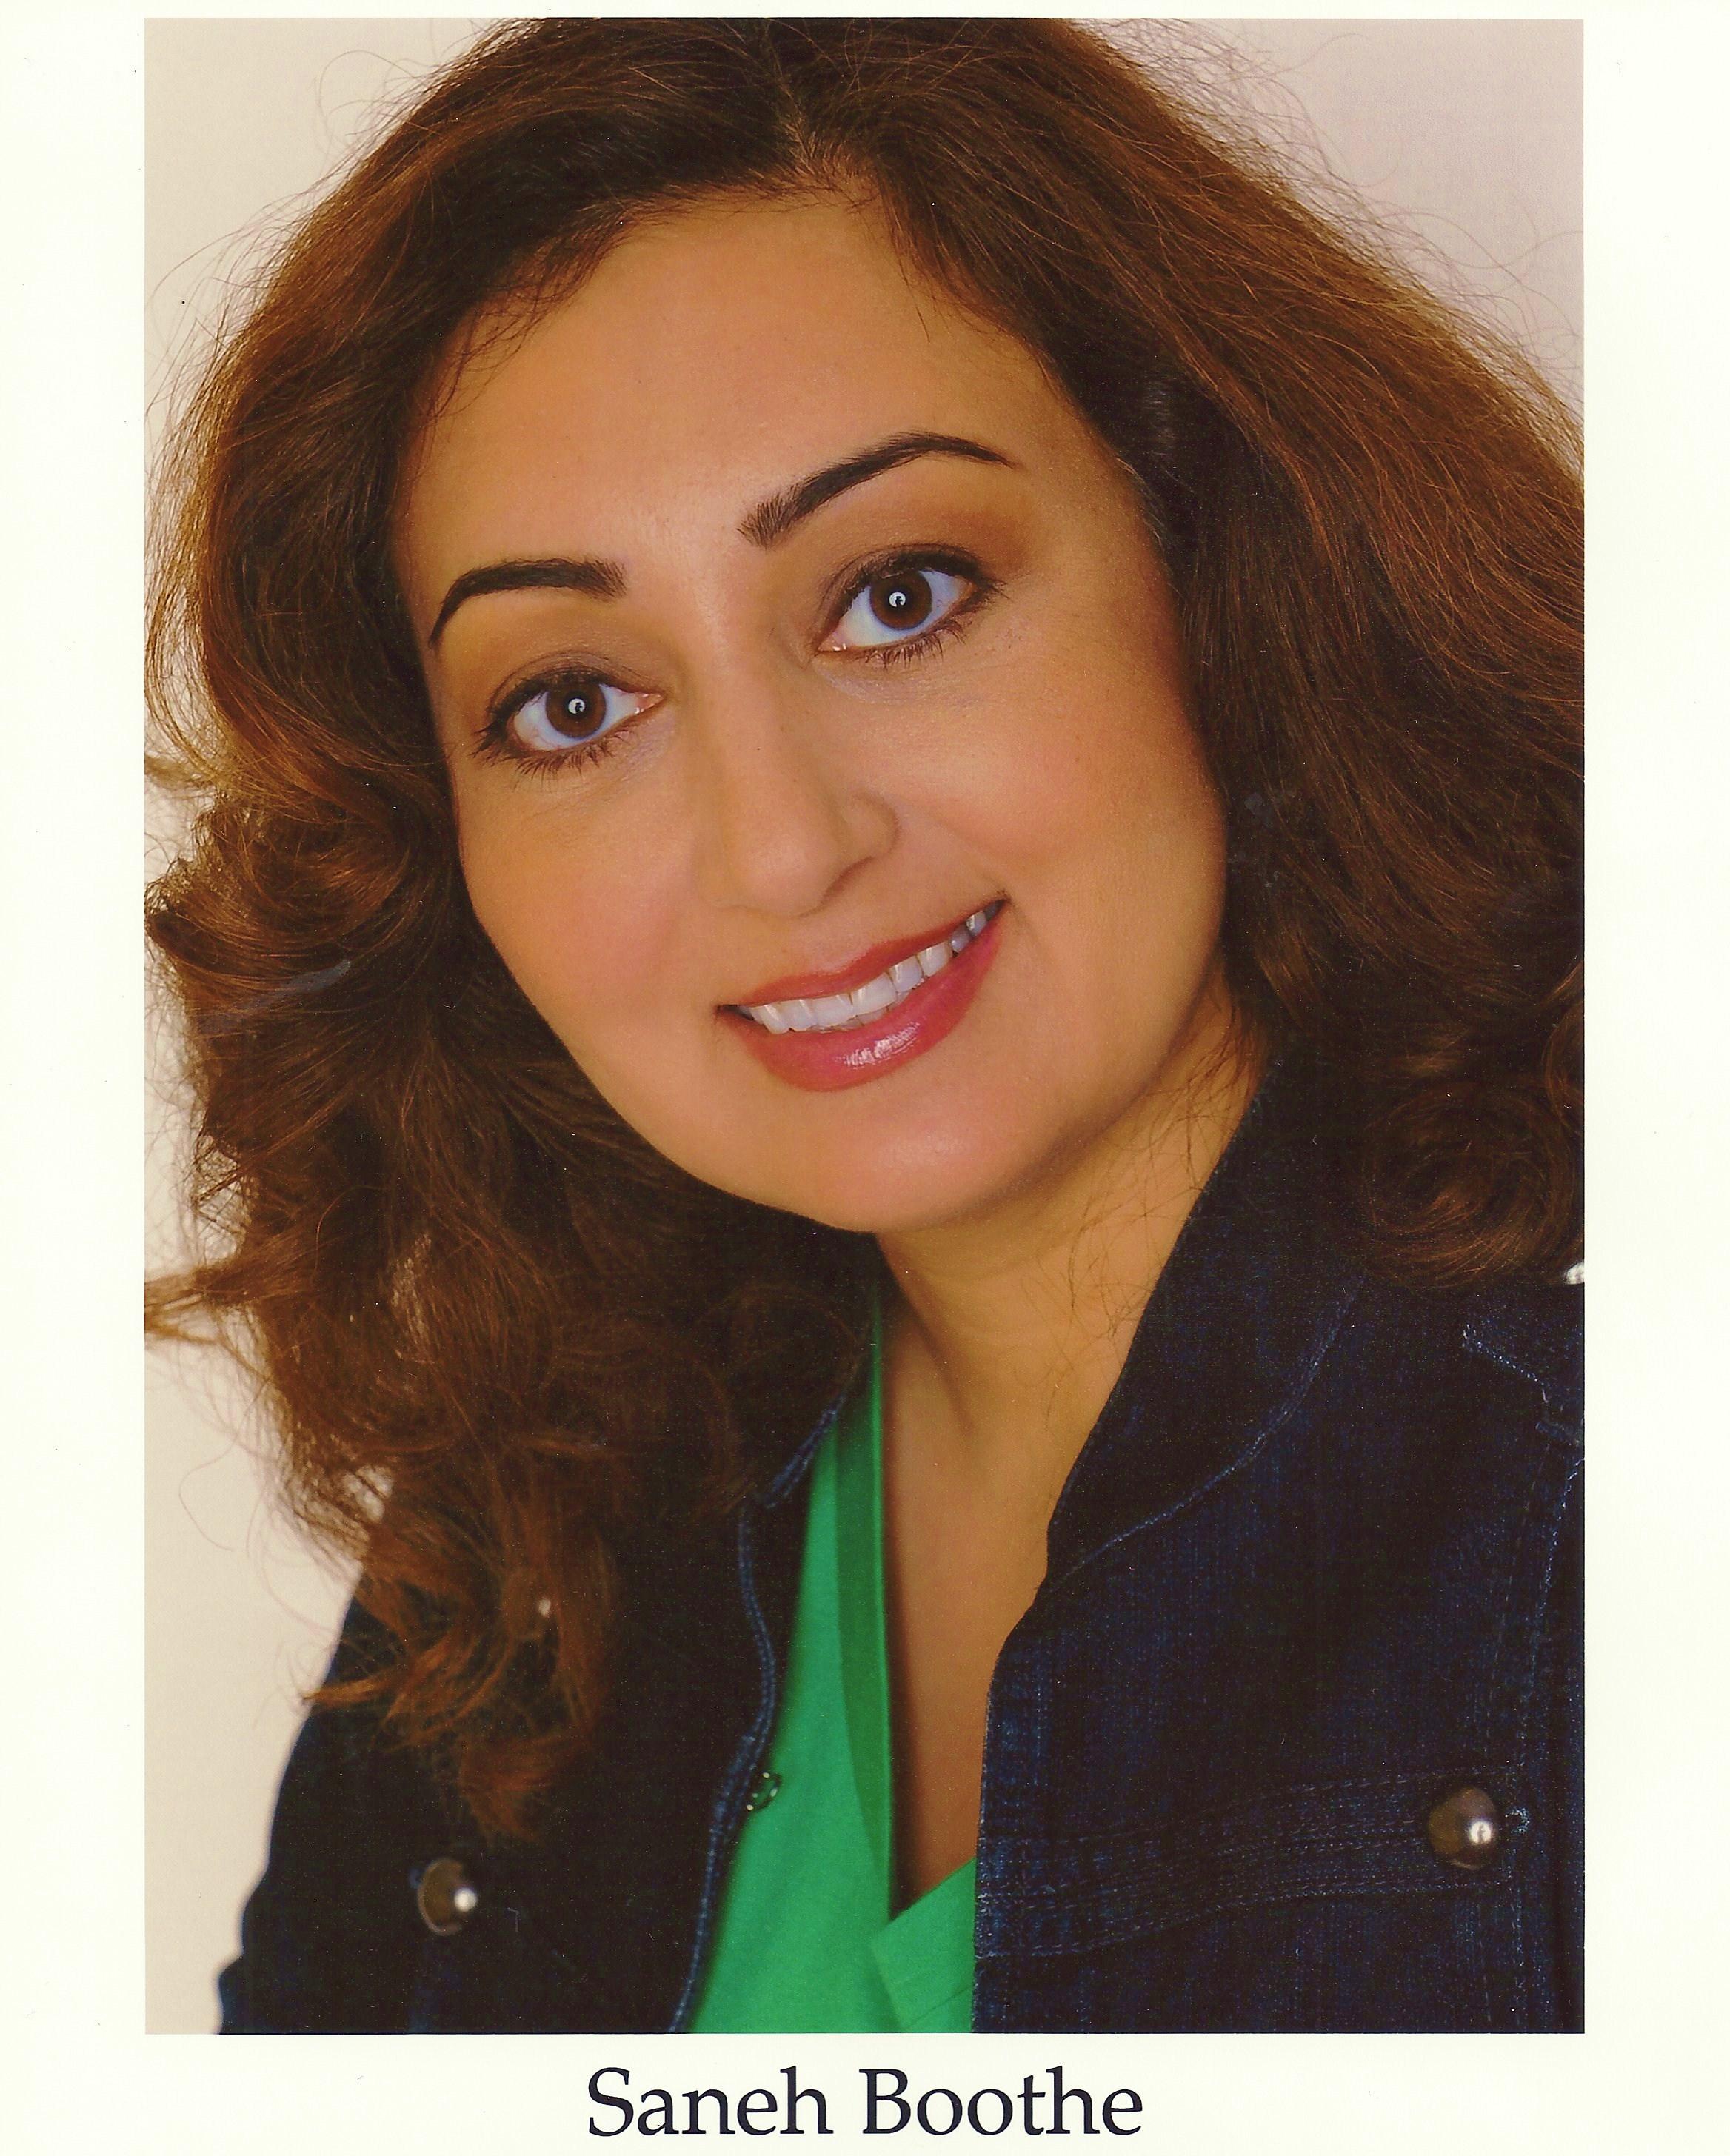 Saneh Boothe, Actress